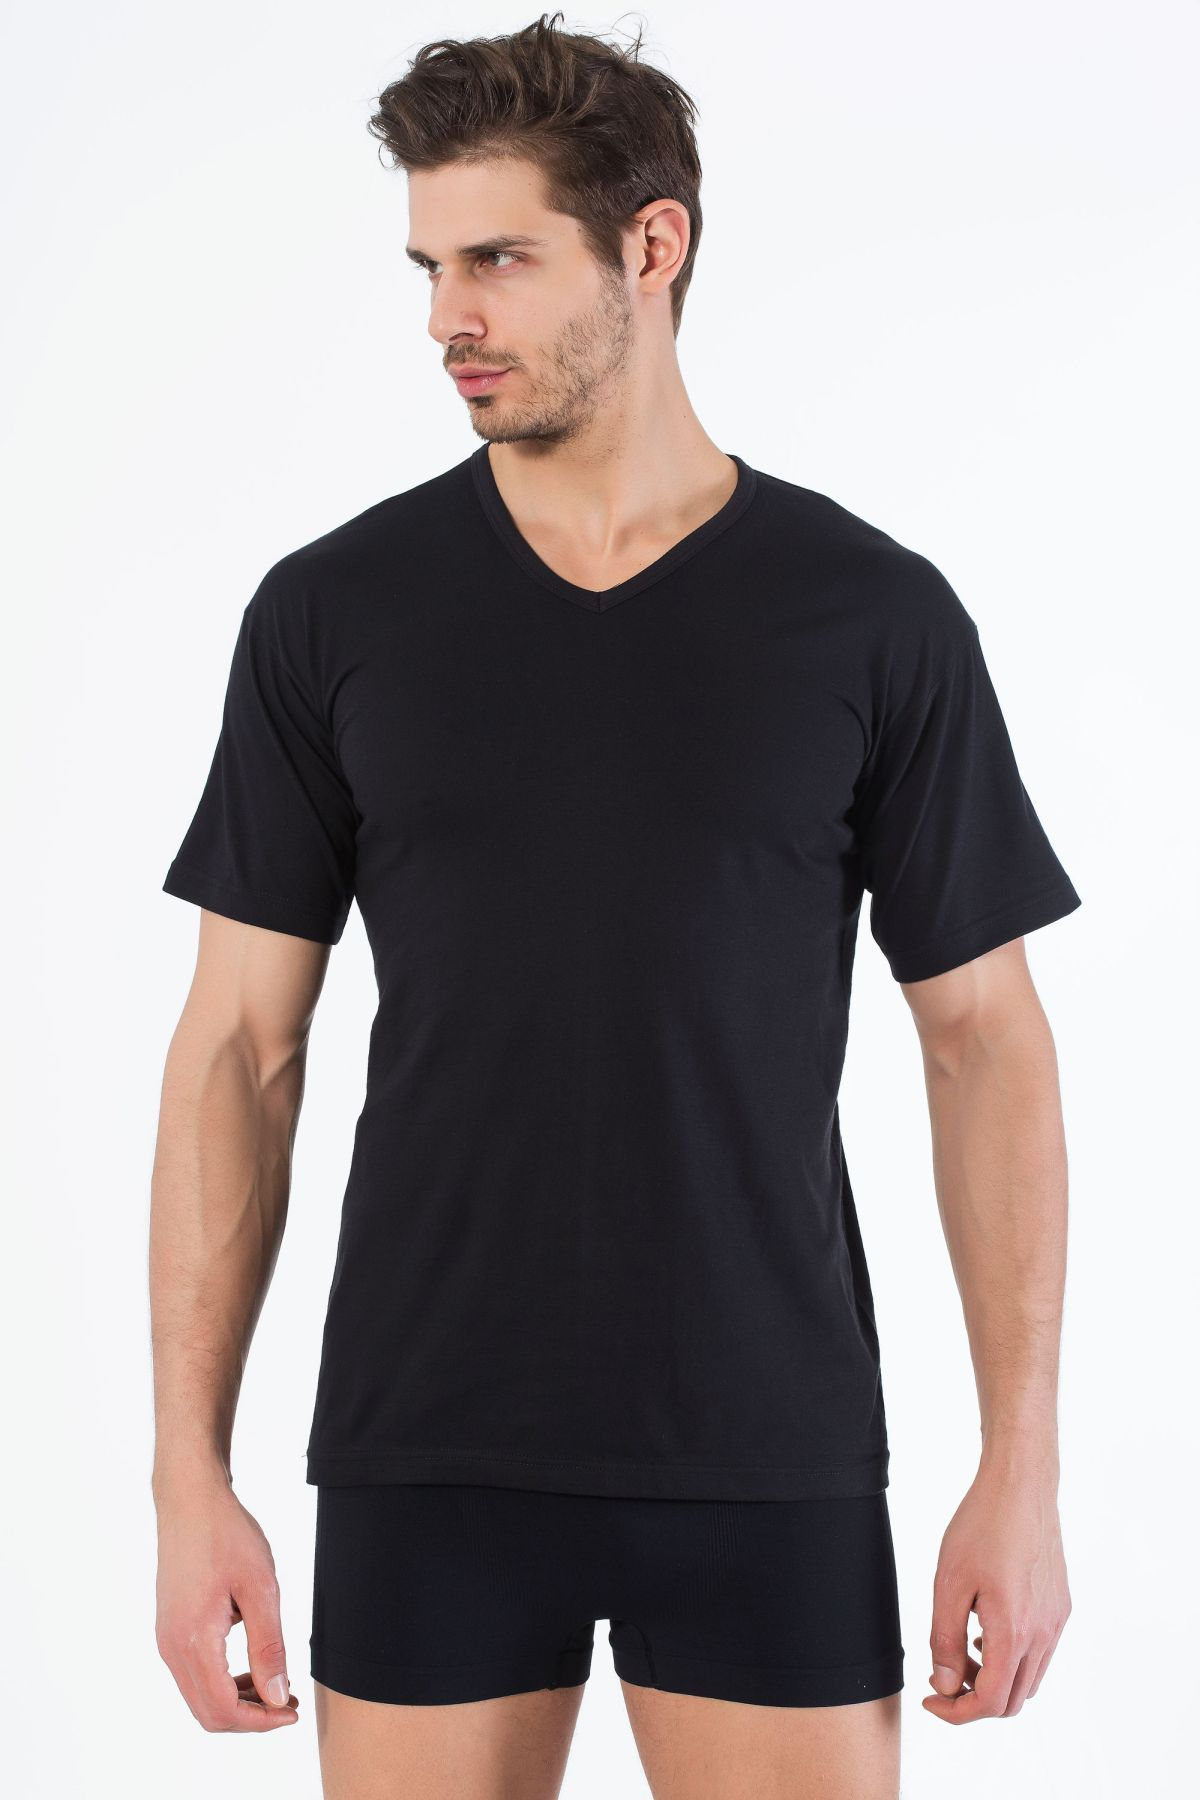 Siyah Pamuklu V Yaka Kısa Kol T-Shirt